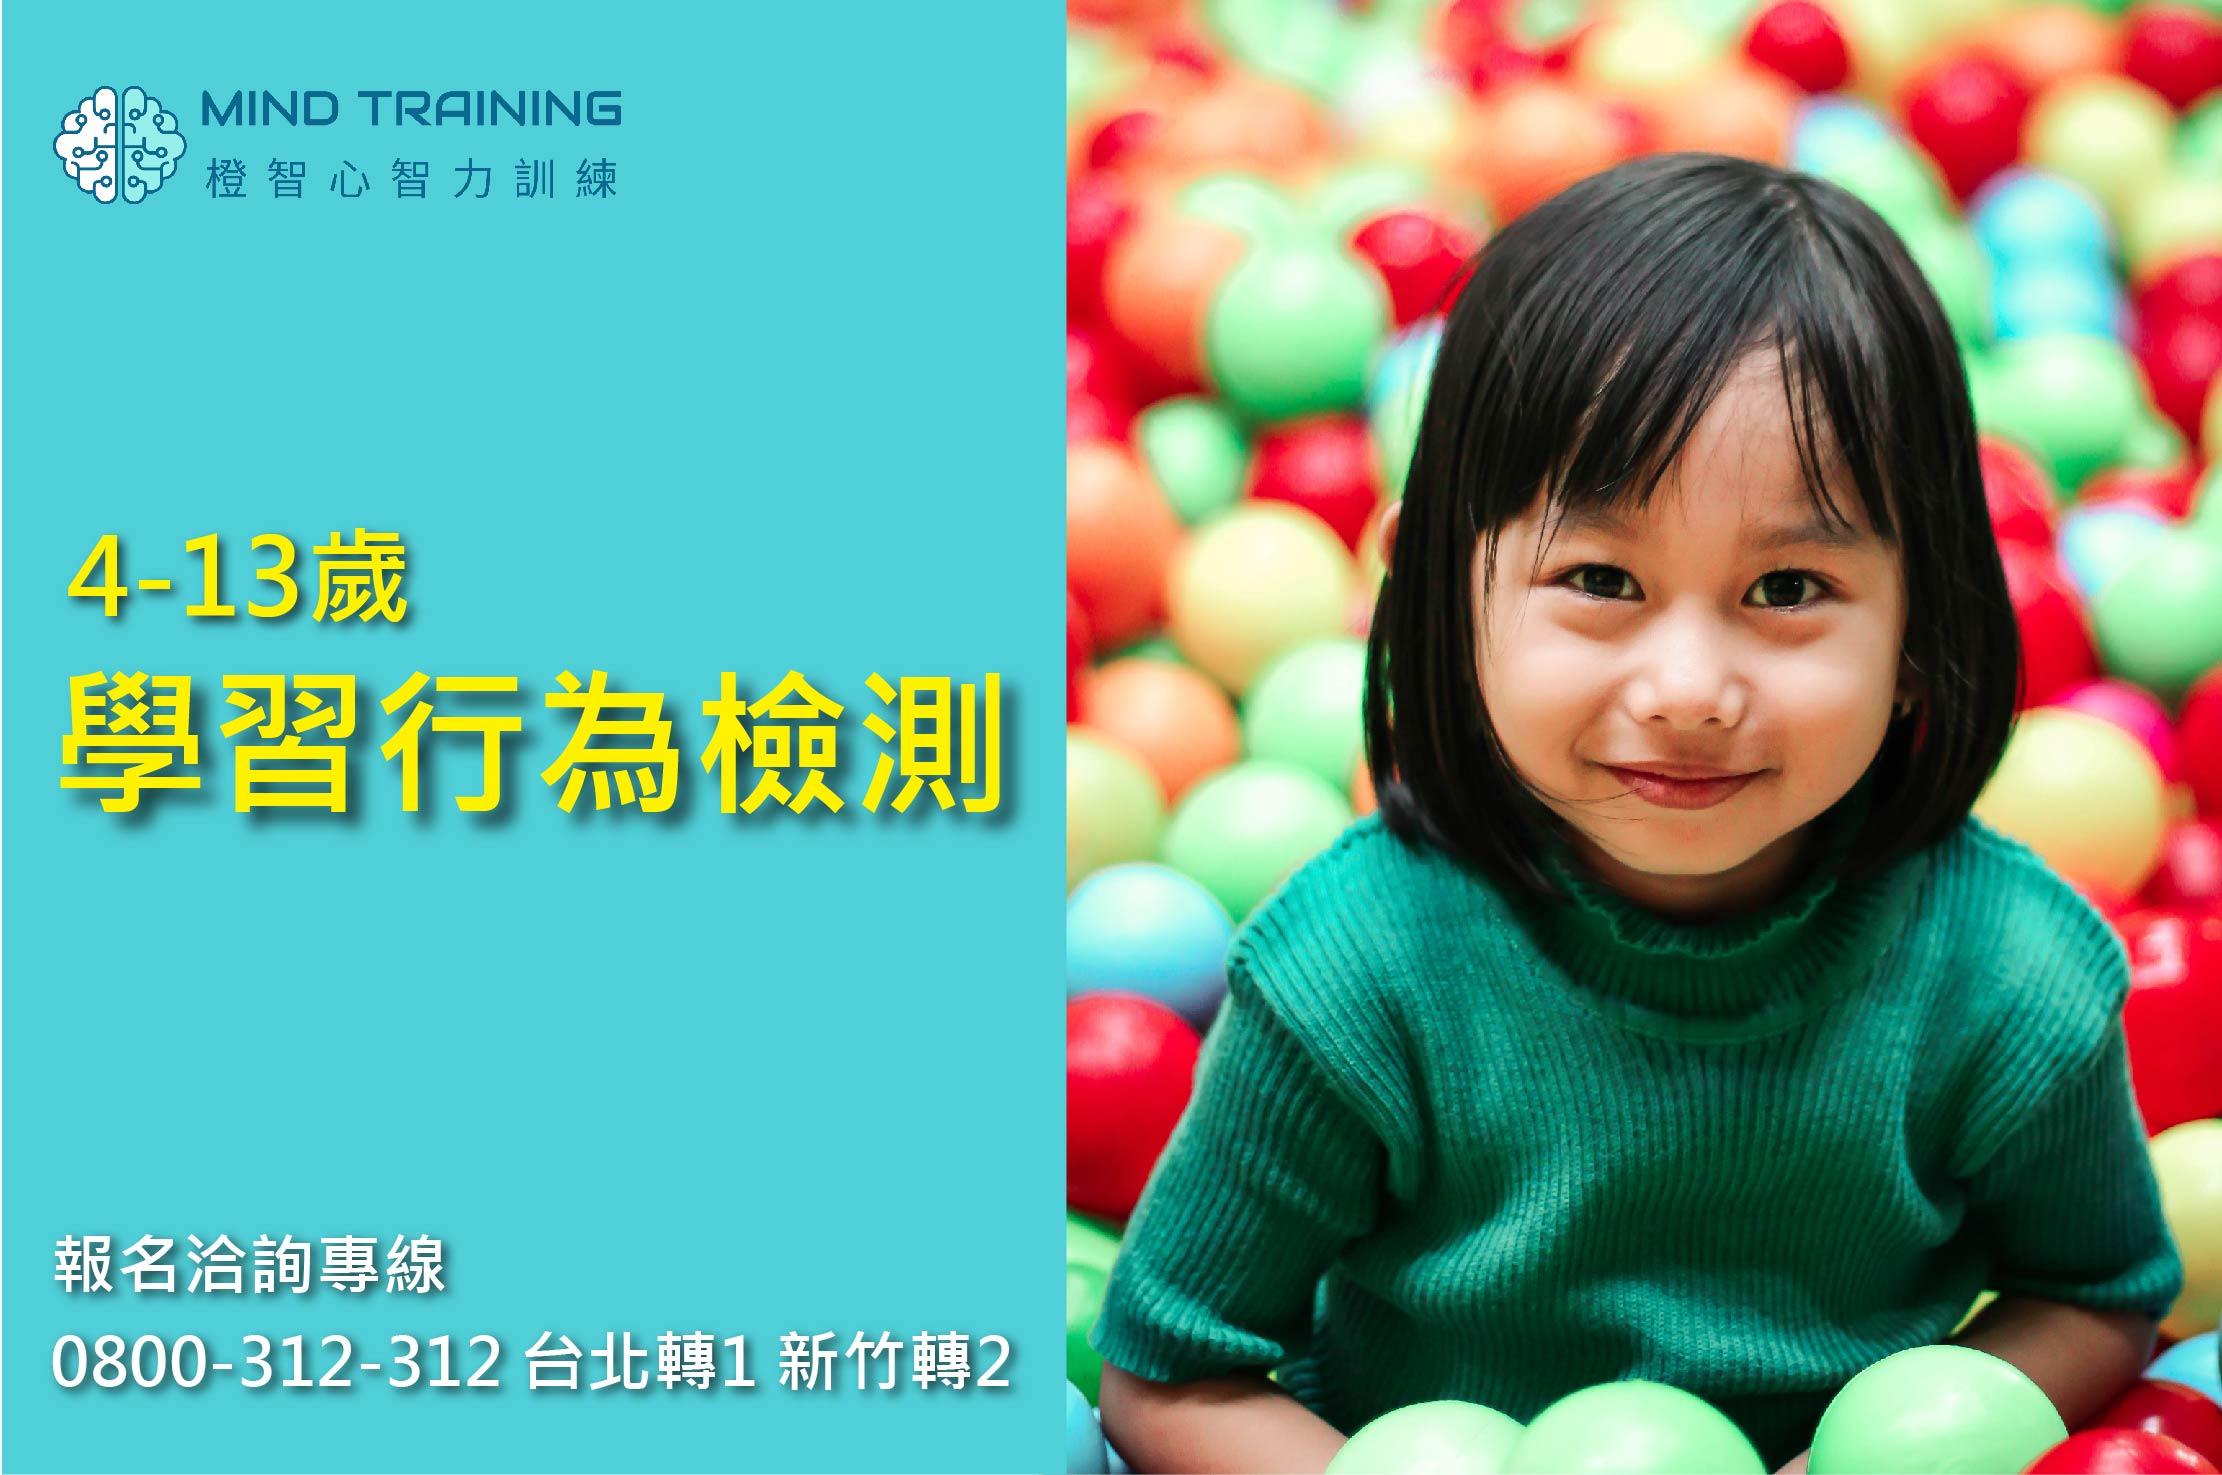 幫助孩子找到機會!「學習行為檢測」,台北、新竹開放預約中!歡迎使用振興券~